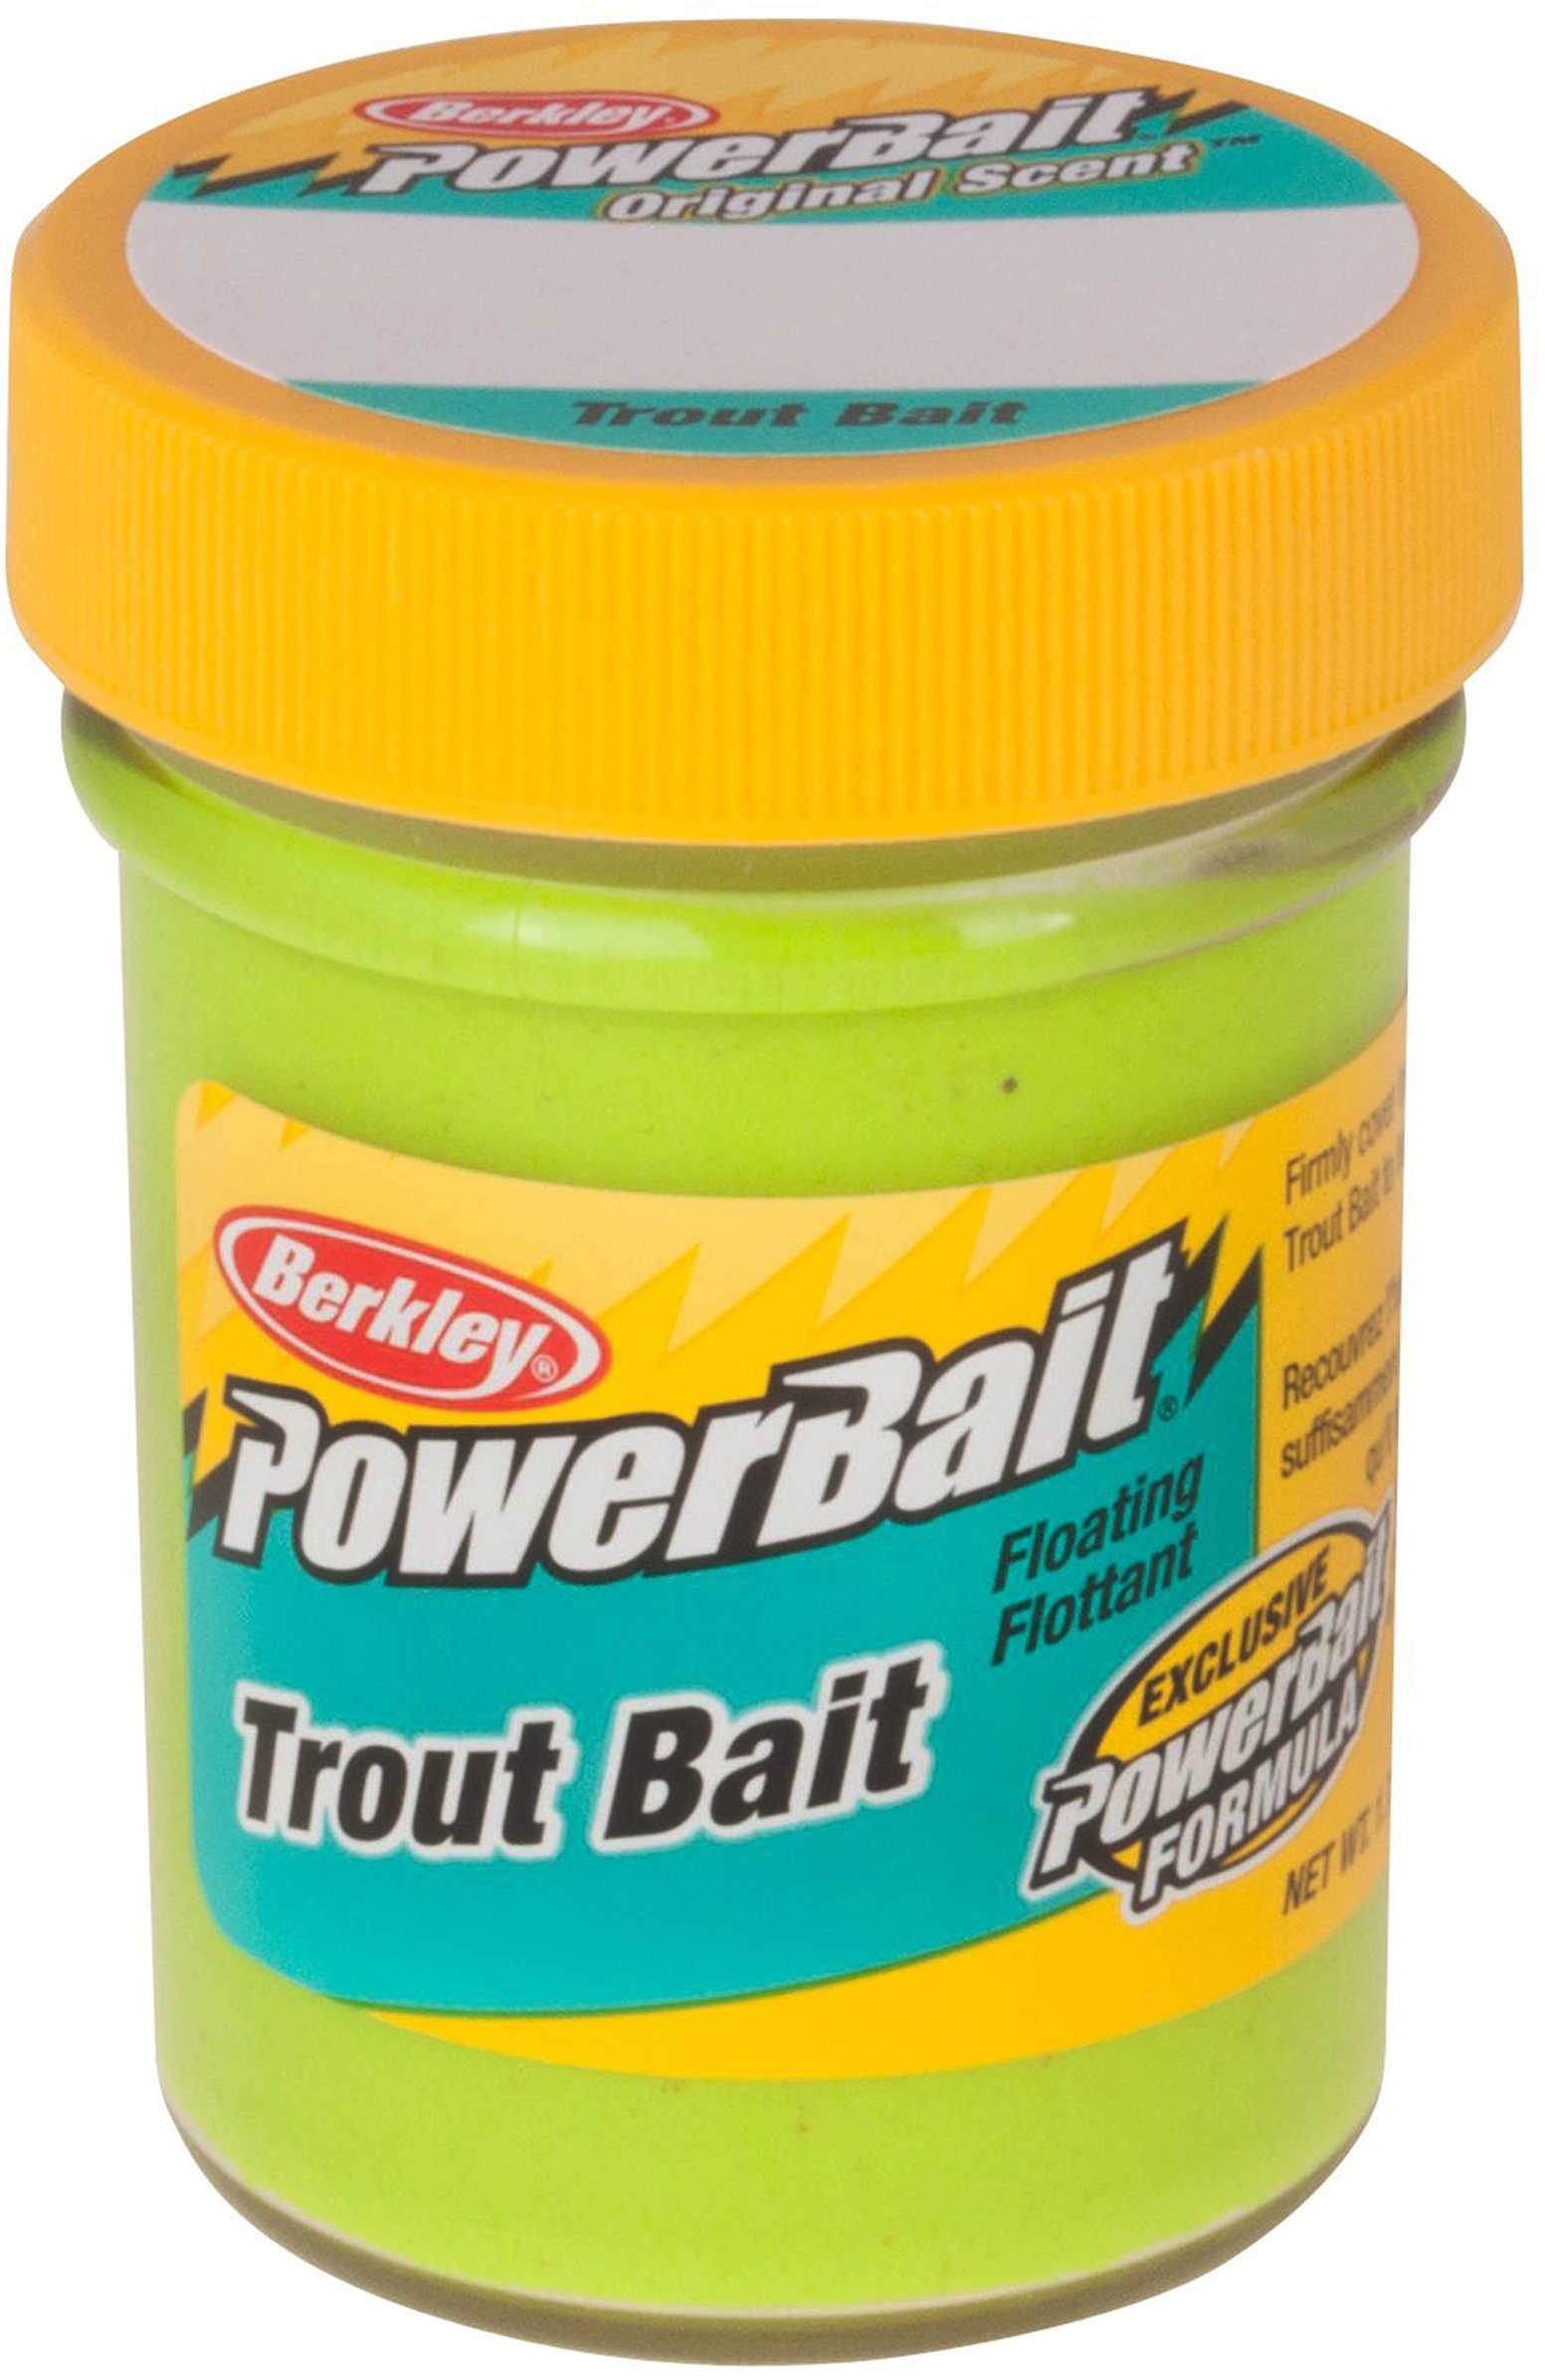 Berkley Biodegradable Trout Bait 1.75 oz. Chartreuse Md#: TBC2